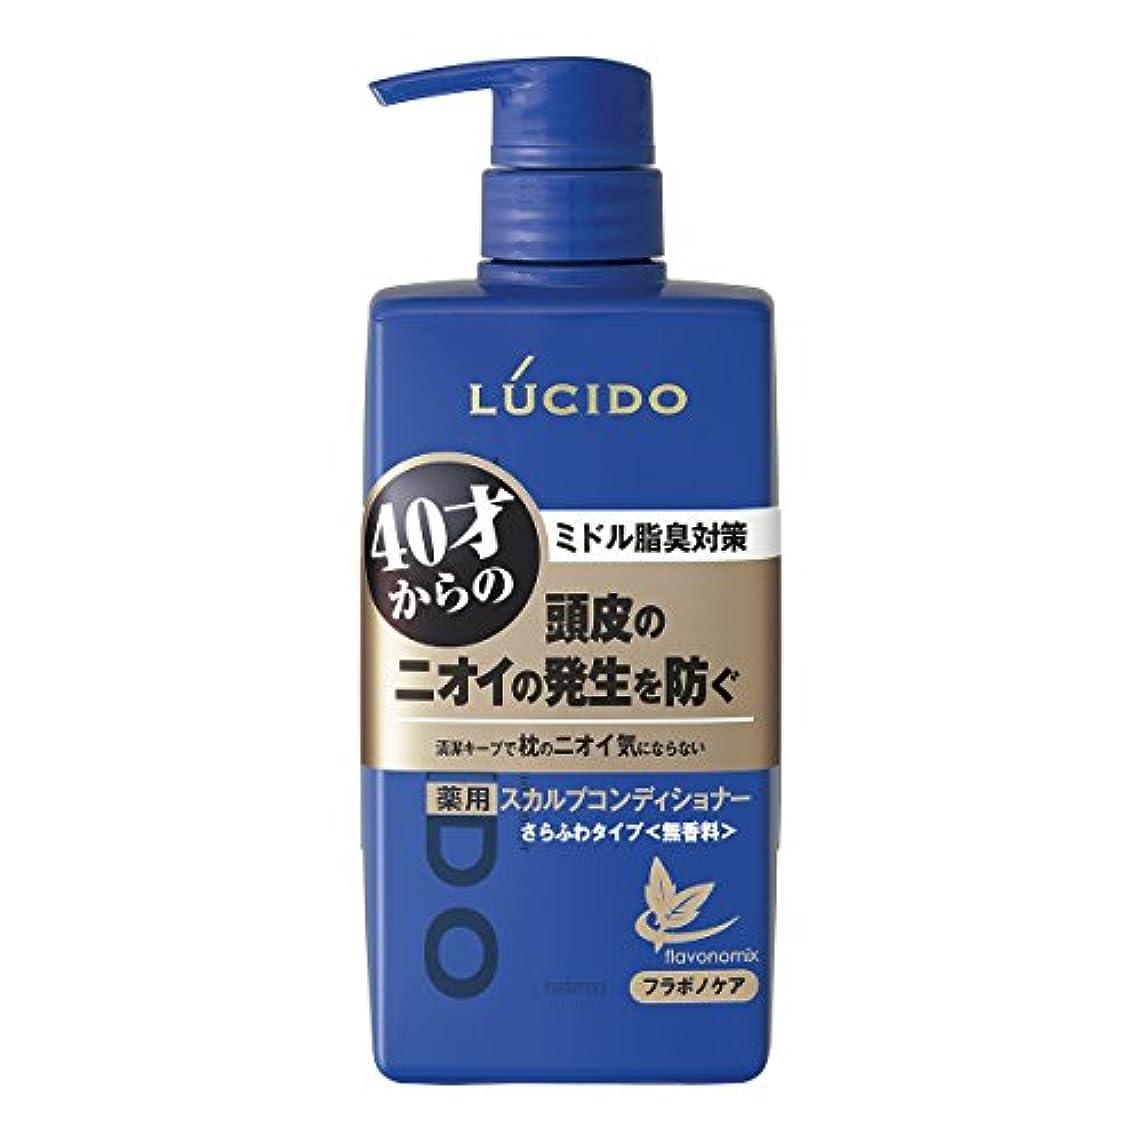 ドライレイローマ人ルシード 薬用ヘア&スカルプコンディショナー 450g(医薬部外品)